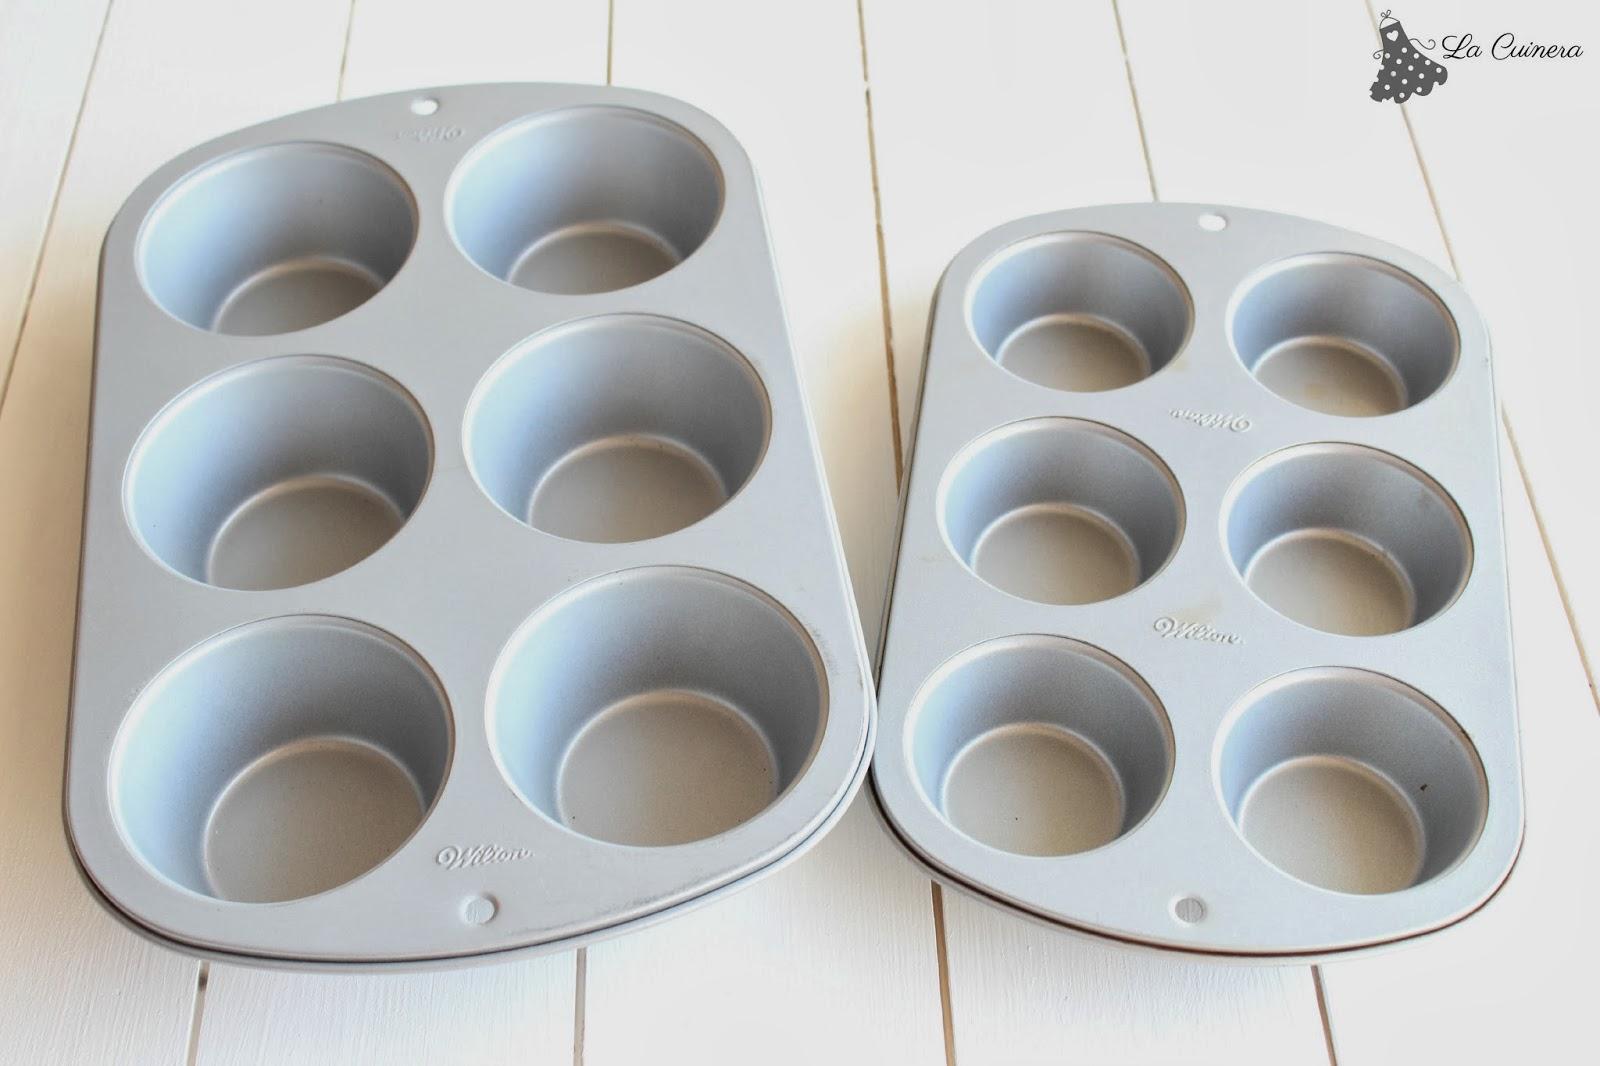 La cuinera tipos de moldes en pasteler a - Moldes reposteria originales ...